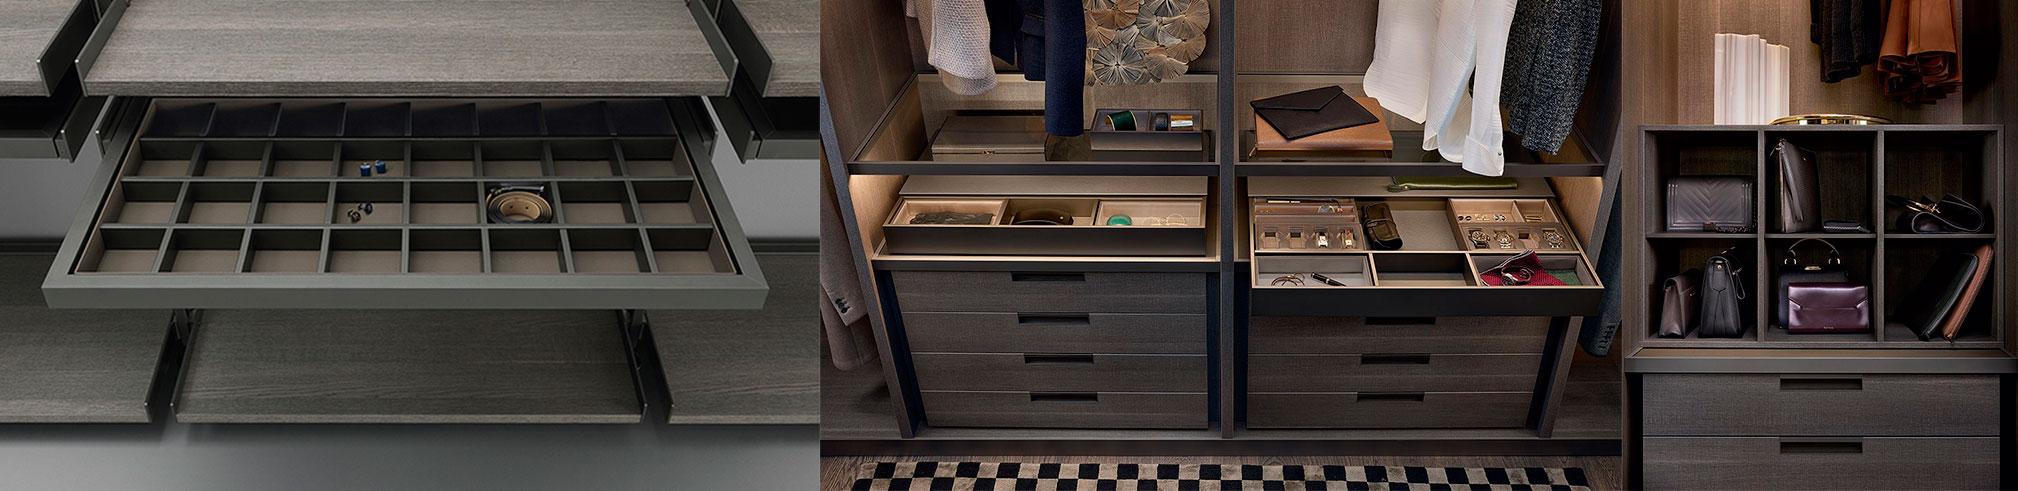 Фотографии всевозможного наполнения гардеробной комнаты